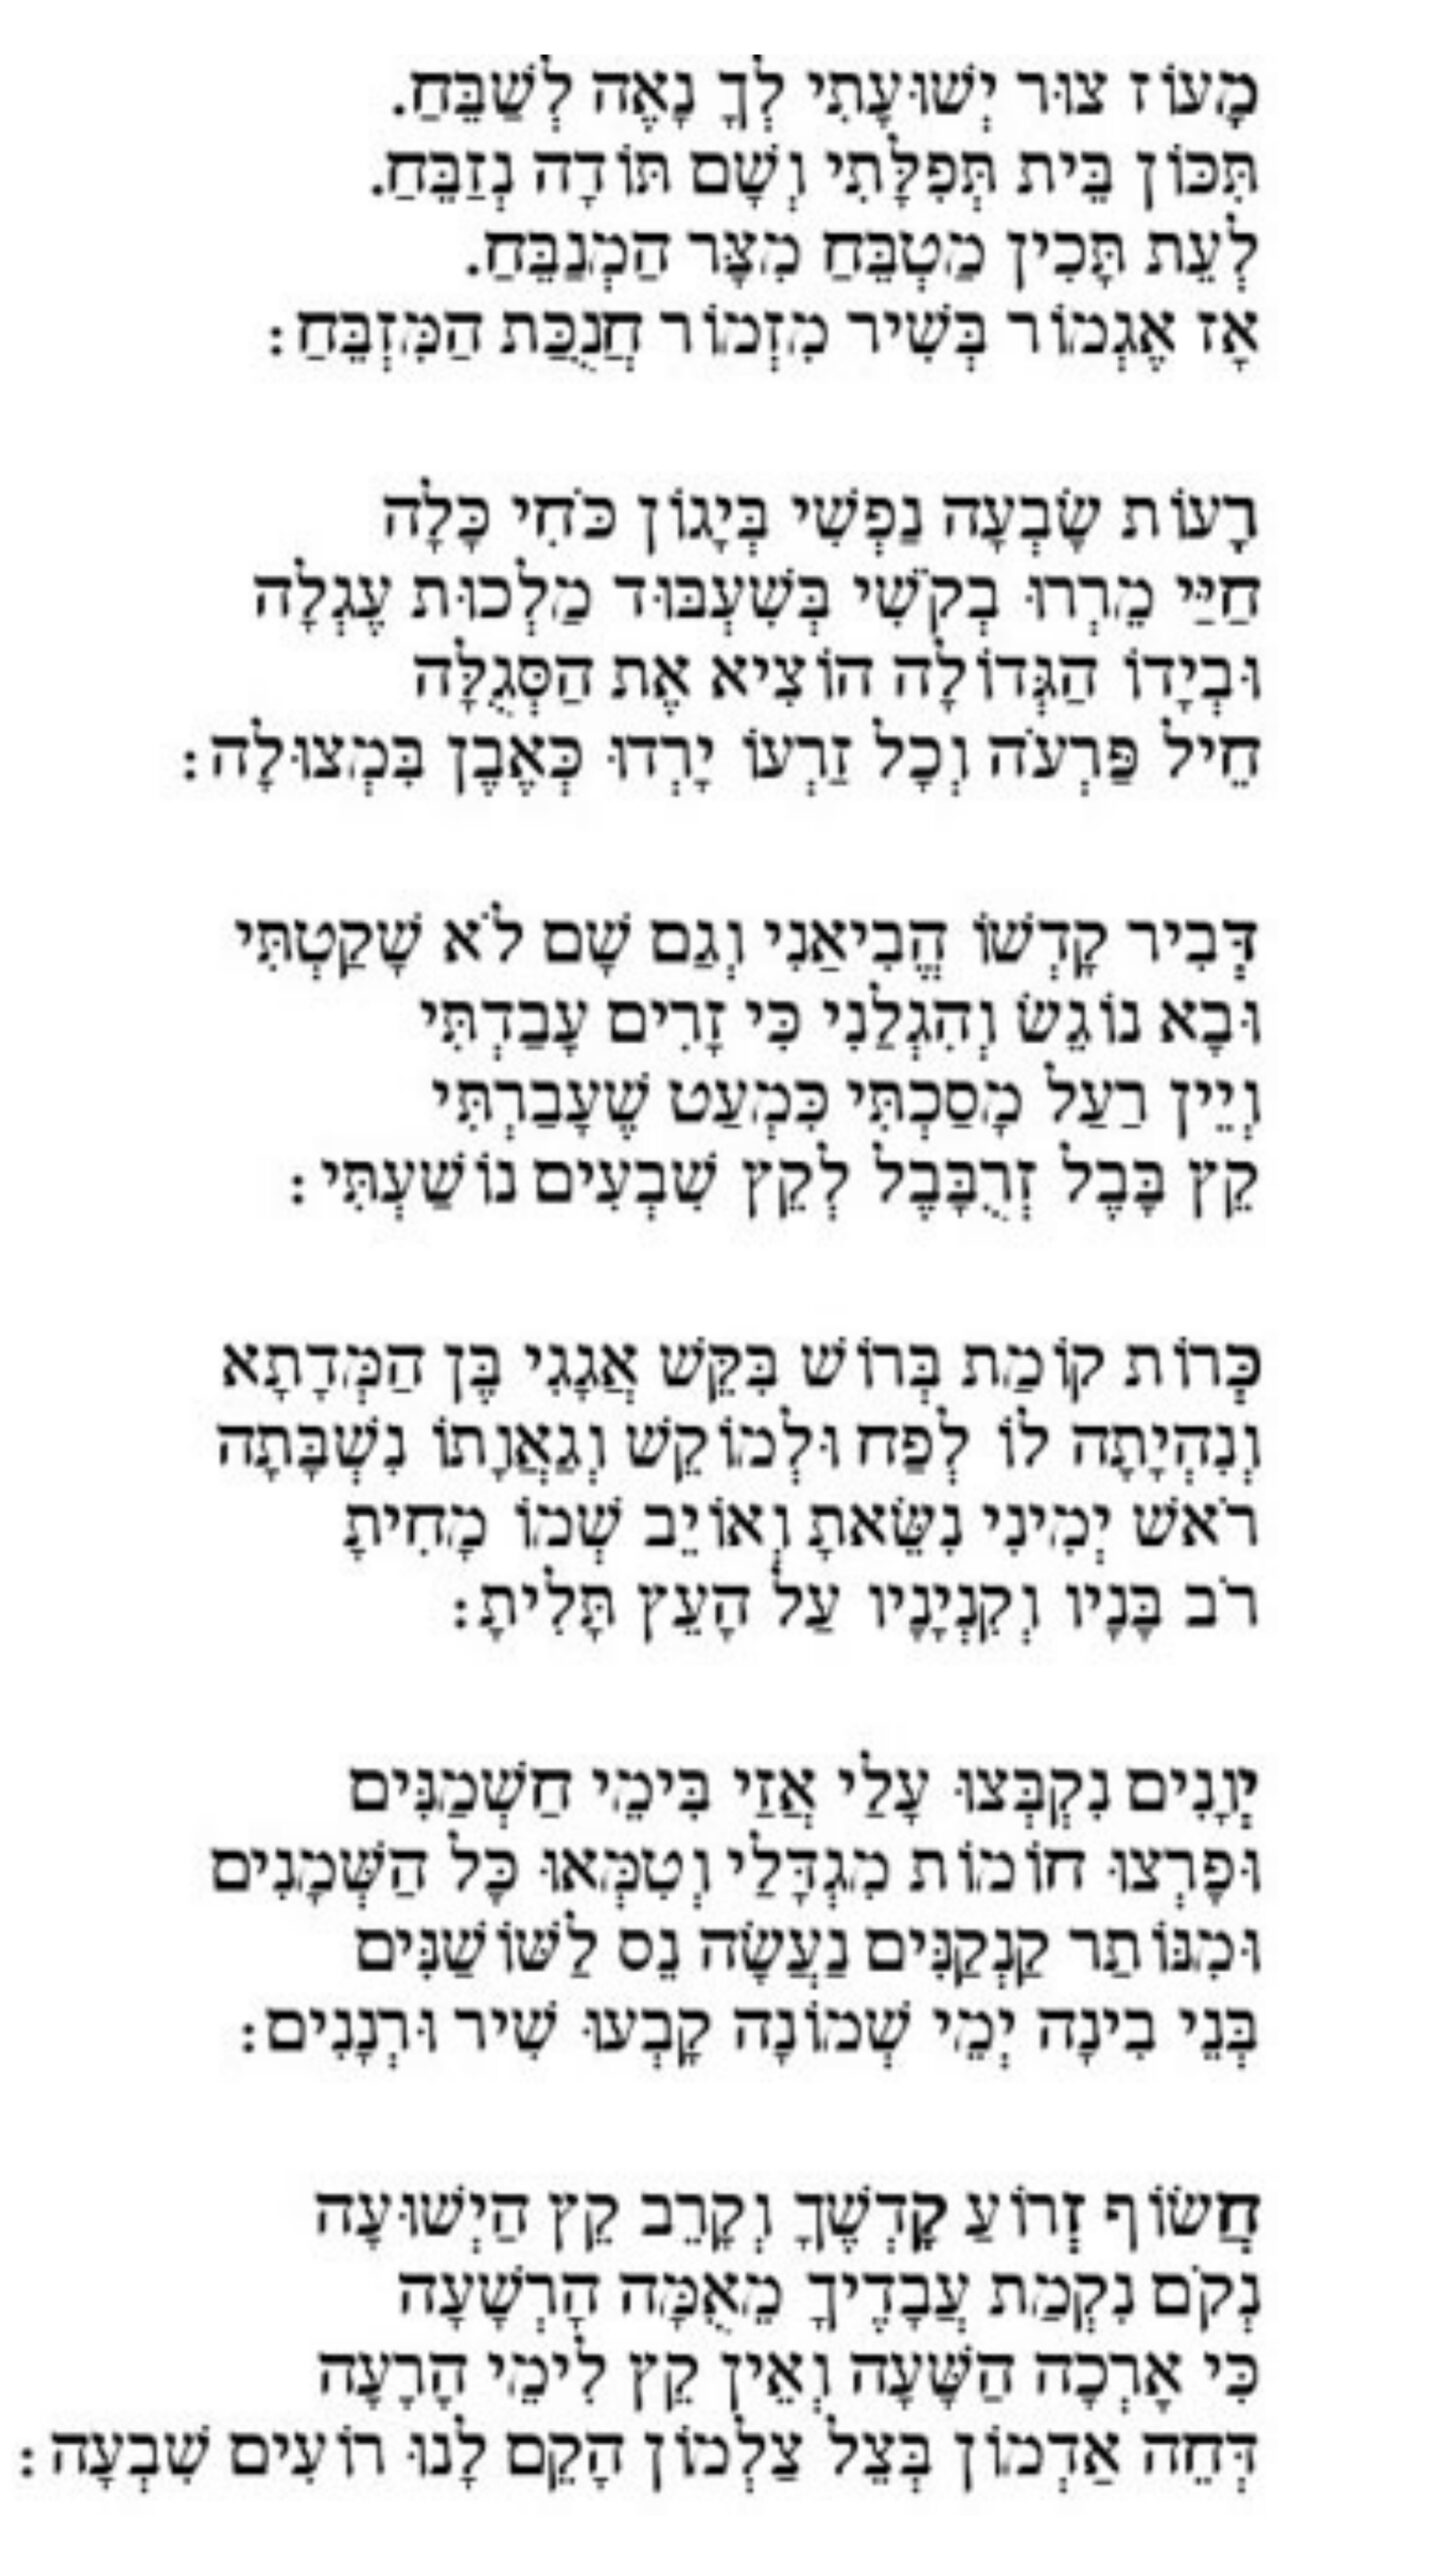 Máoz cur teljes Héber szövege